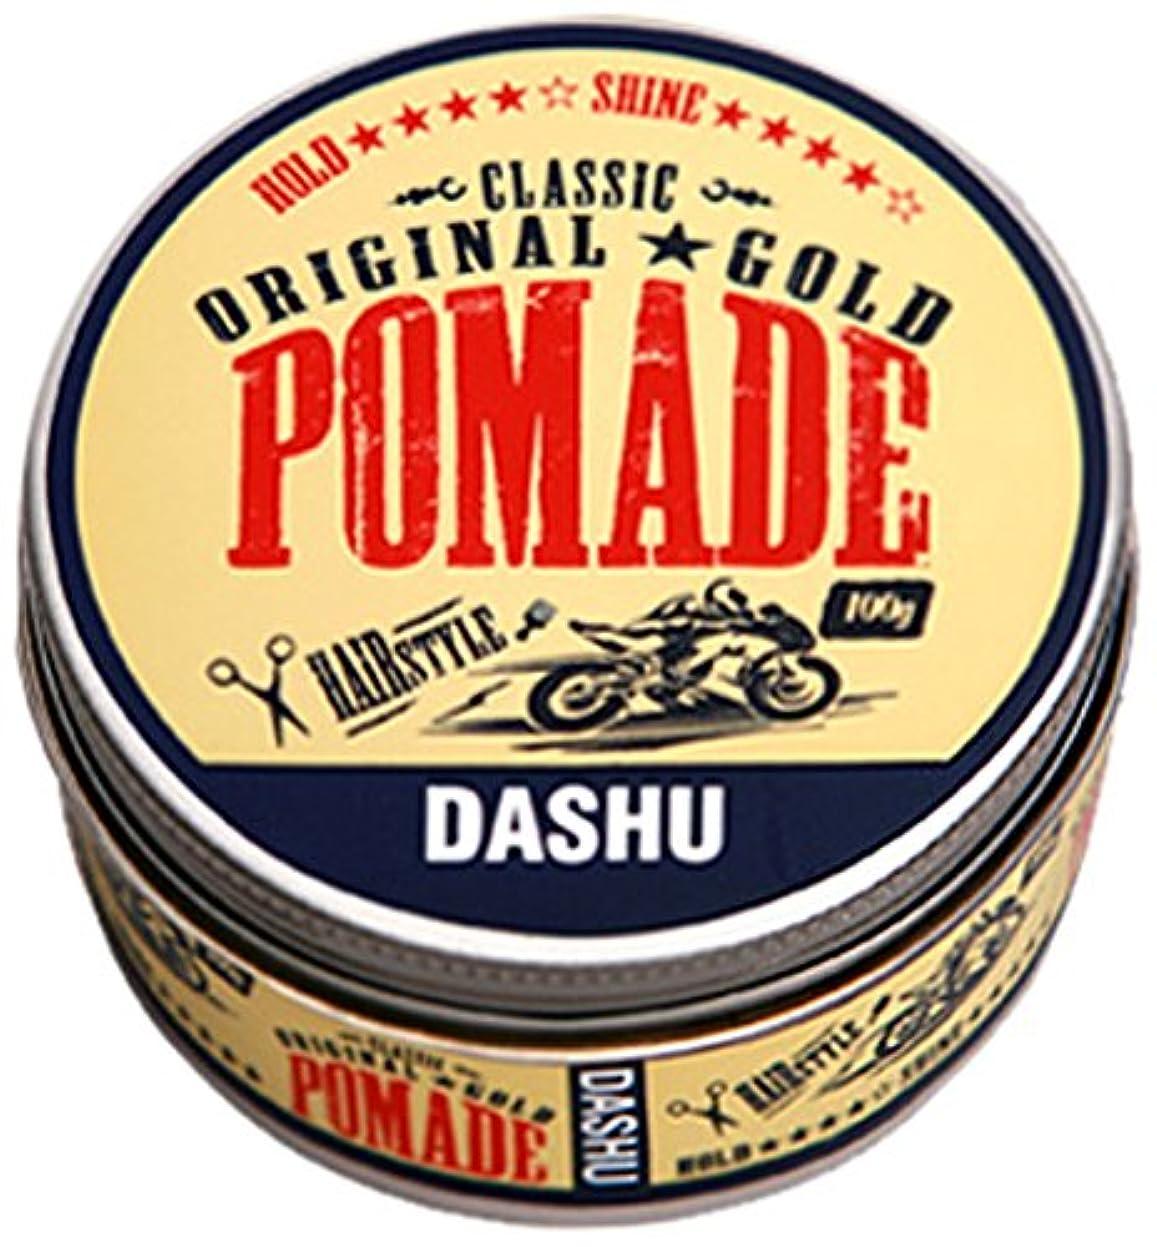 感じるかけがえのないおとこ[DASHU] ダシュ クラシックオリジナルゴールドポマードヘアワックス Classic Original Gold Pomade Hair Wax 100ml / 韓国製 . 韓国直送品